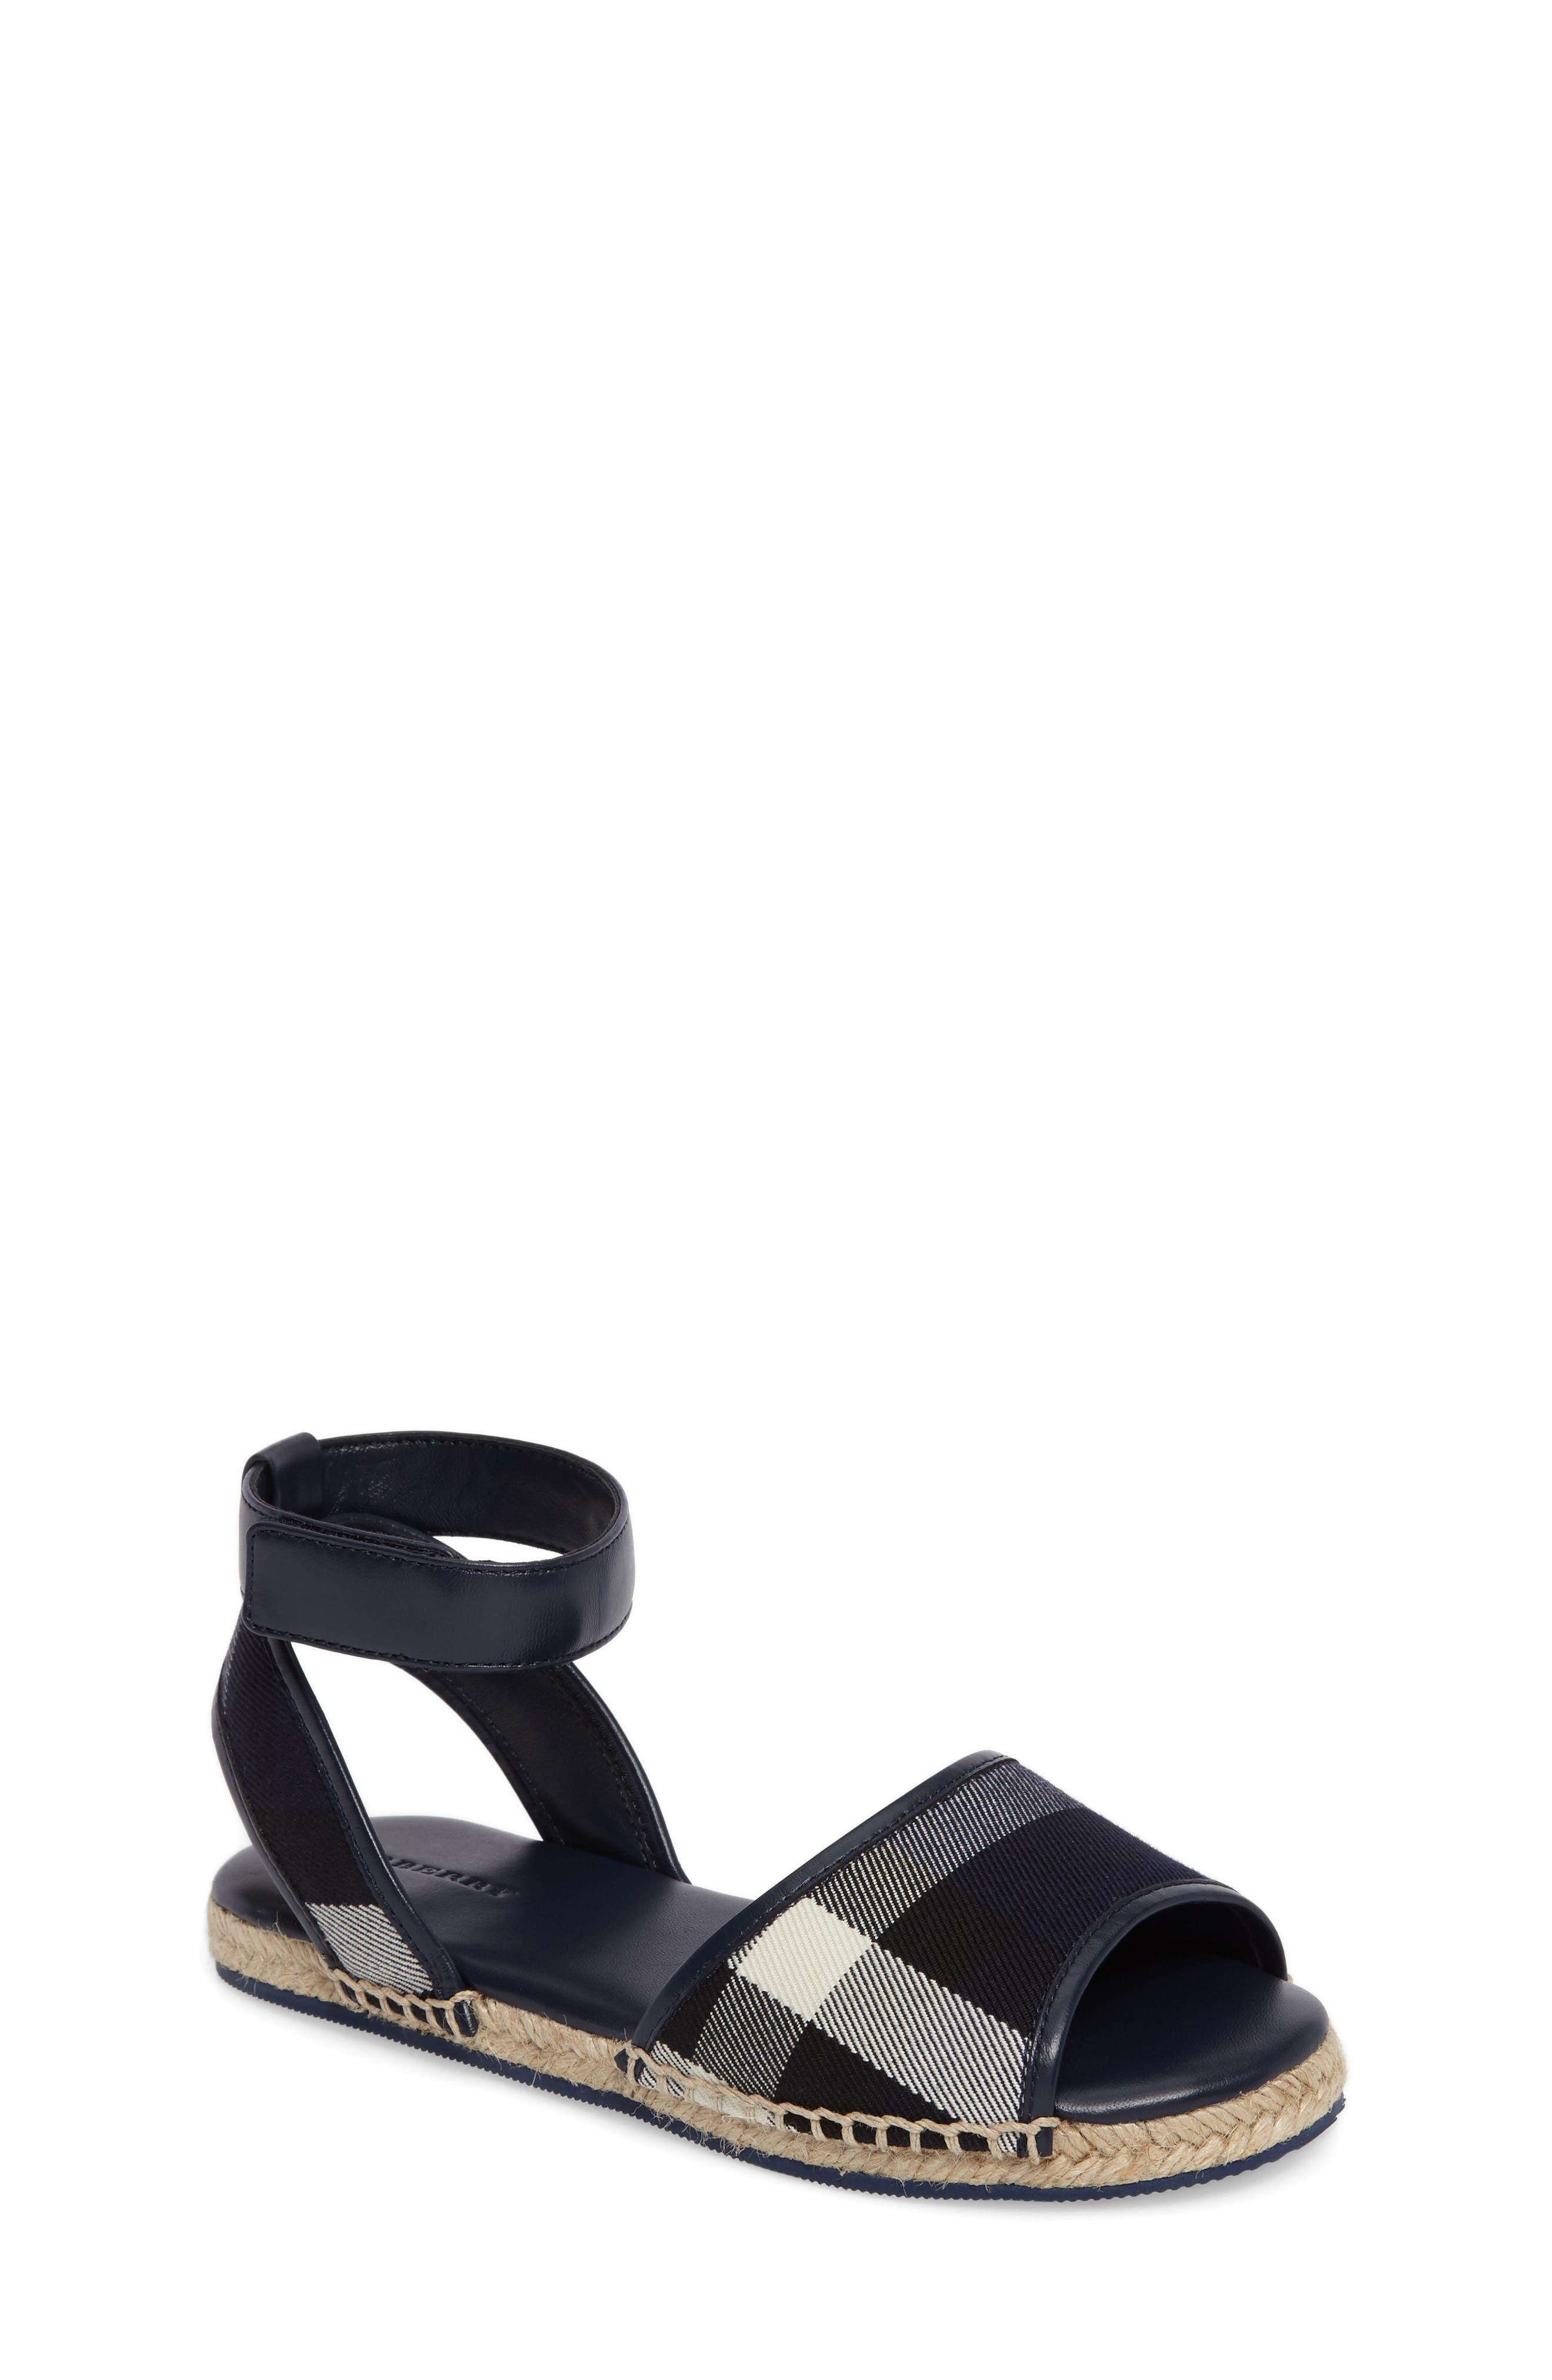 Main Image - Burberry Livvy Ankle Strap Sandal (Walker, Toddler & Little Kid)